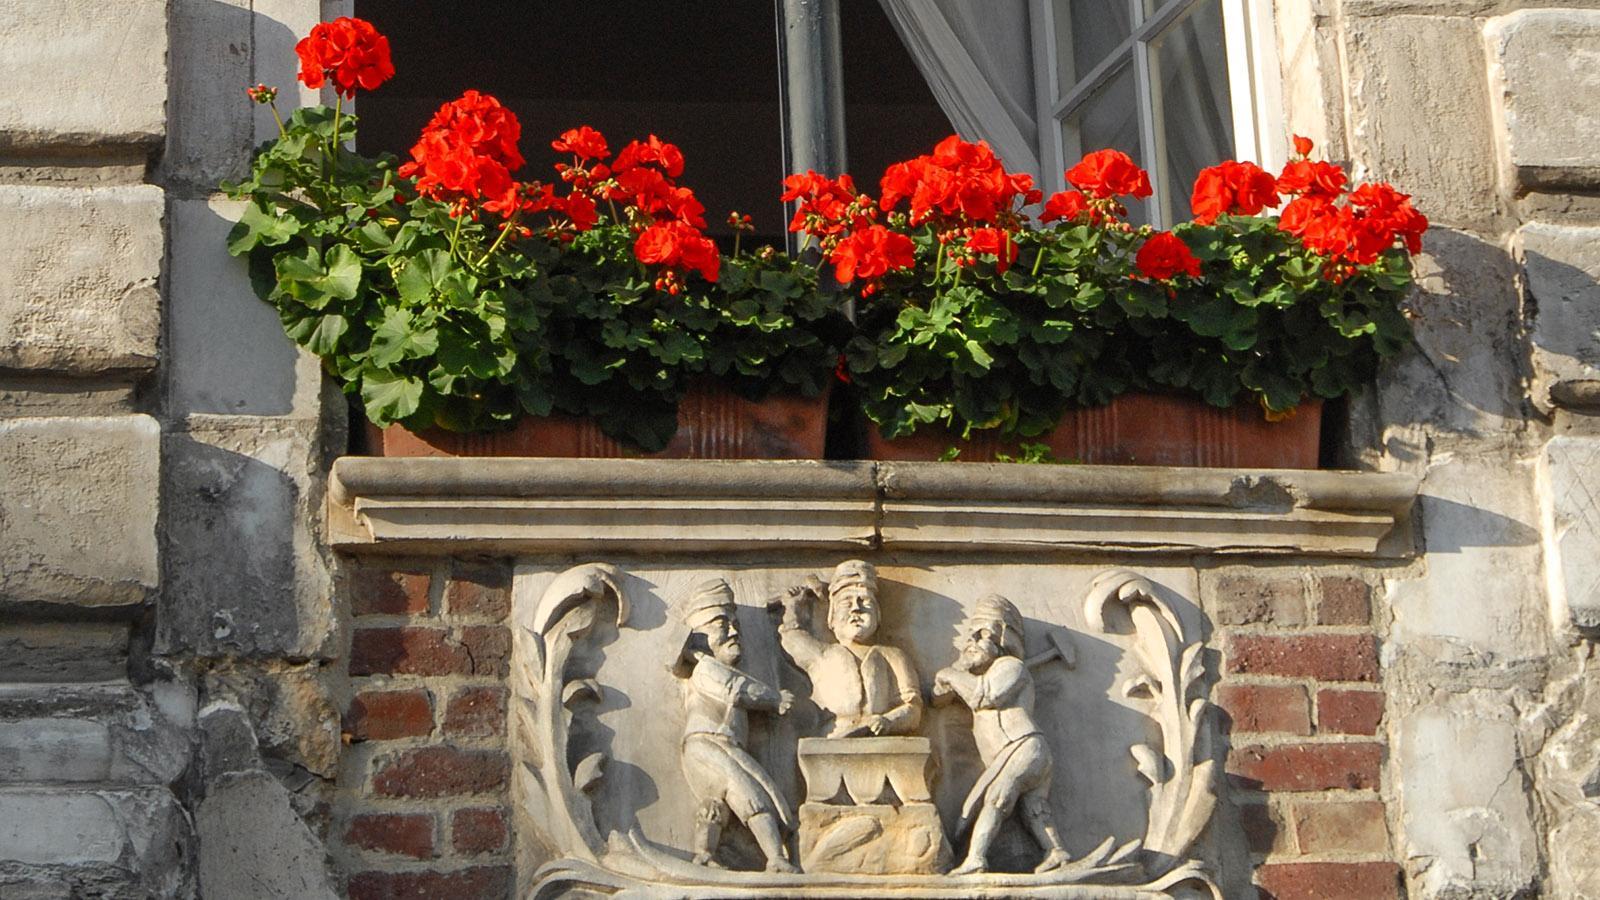 Arras:. Unter den Fensterbänken schmücken Steinschnitzereien die Fenster der flämischen Bürgerhäuser an der Grande Place. Foto: Hilke Maunder